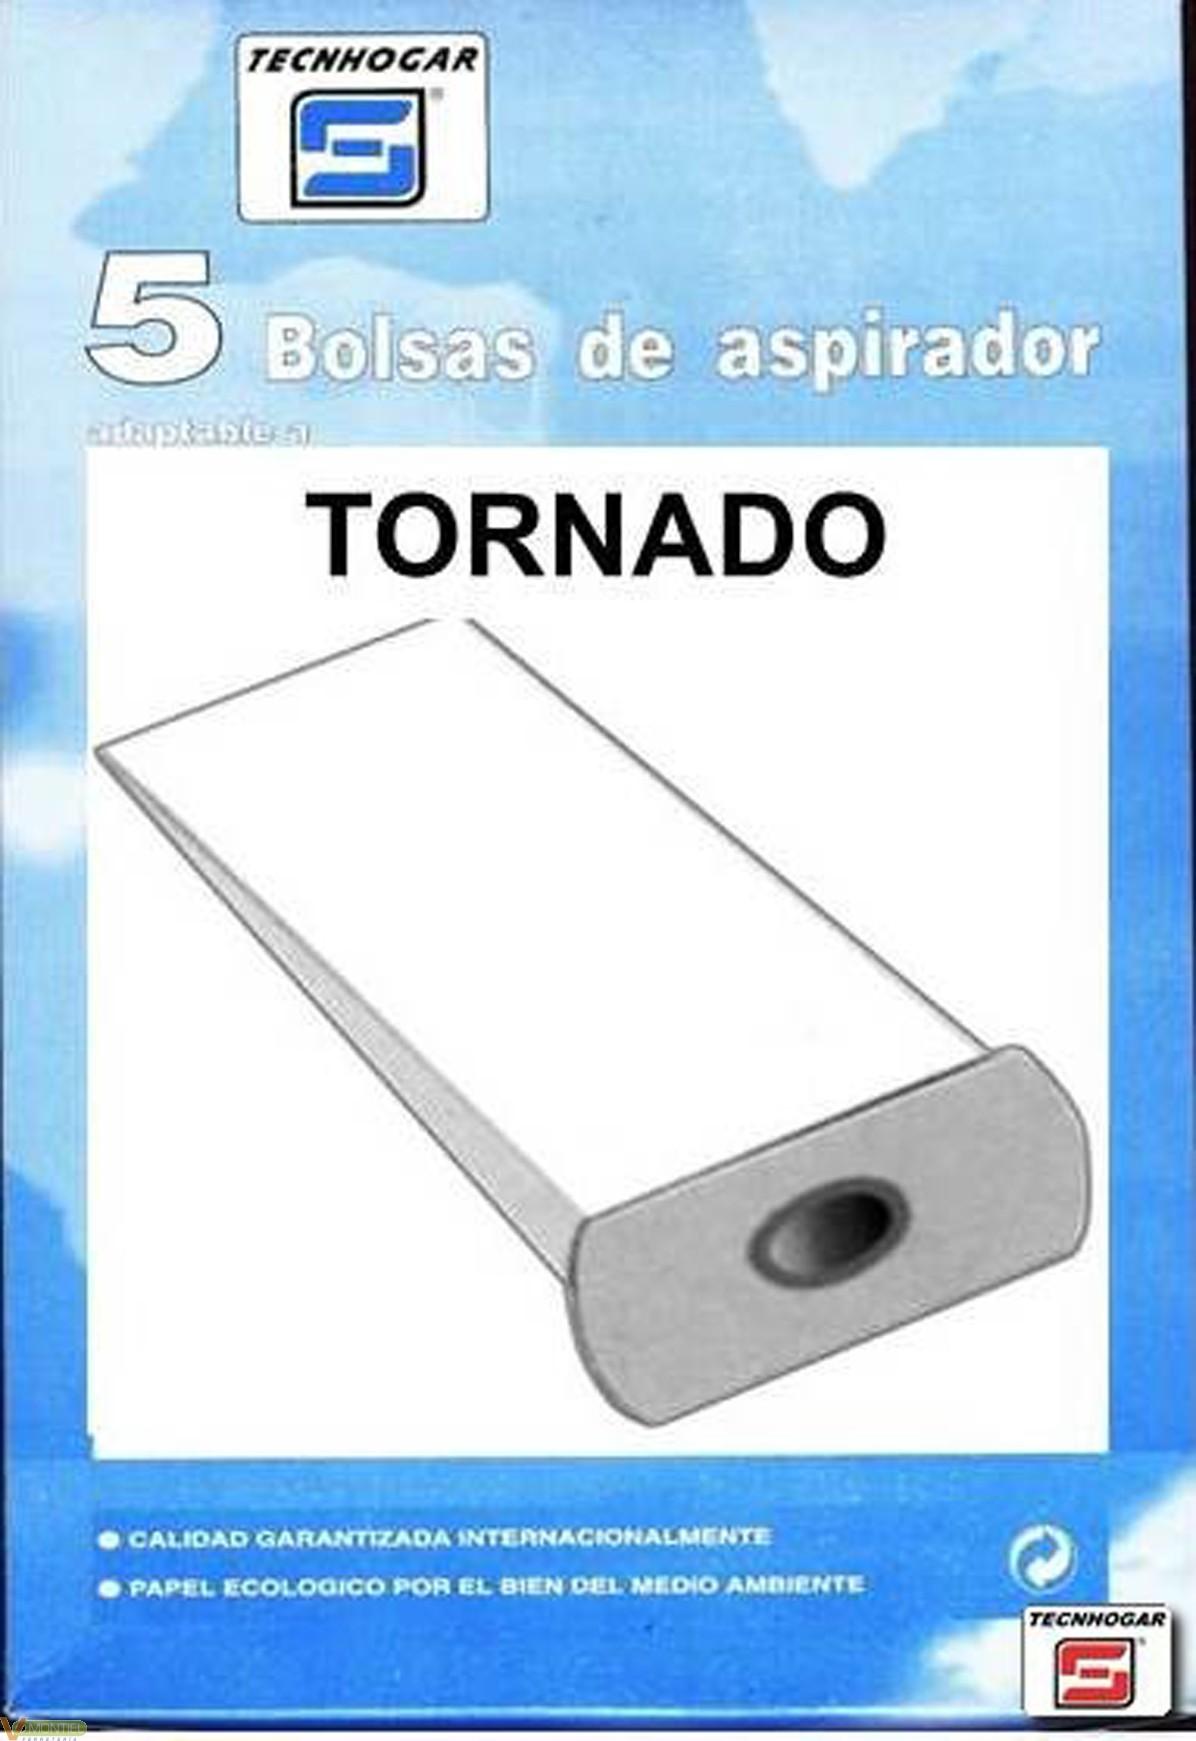 Bolsa asp tornado tr-9 5 pz 91-0